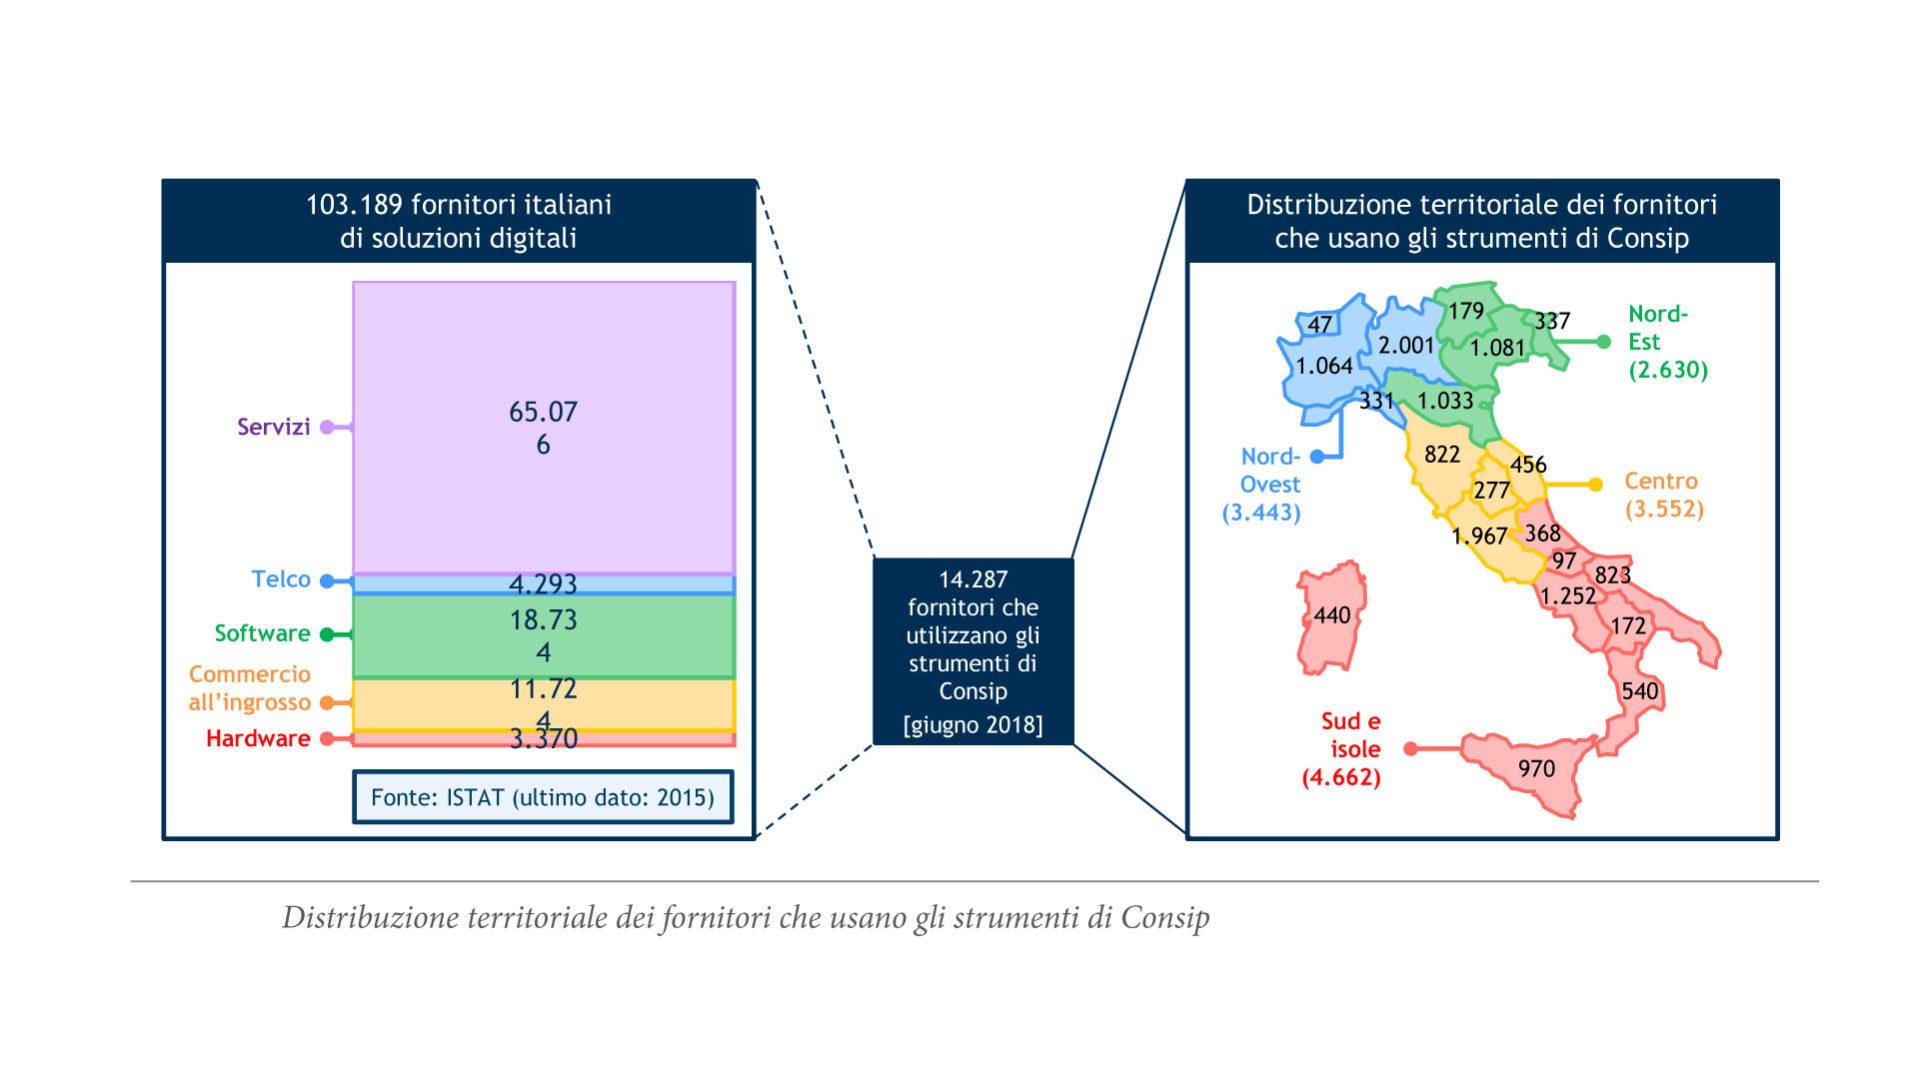 grafico che mostra la Distribuzione territoriale dei fornitori che usano gli strumenti Consip